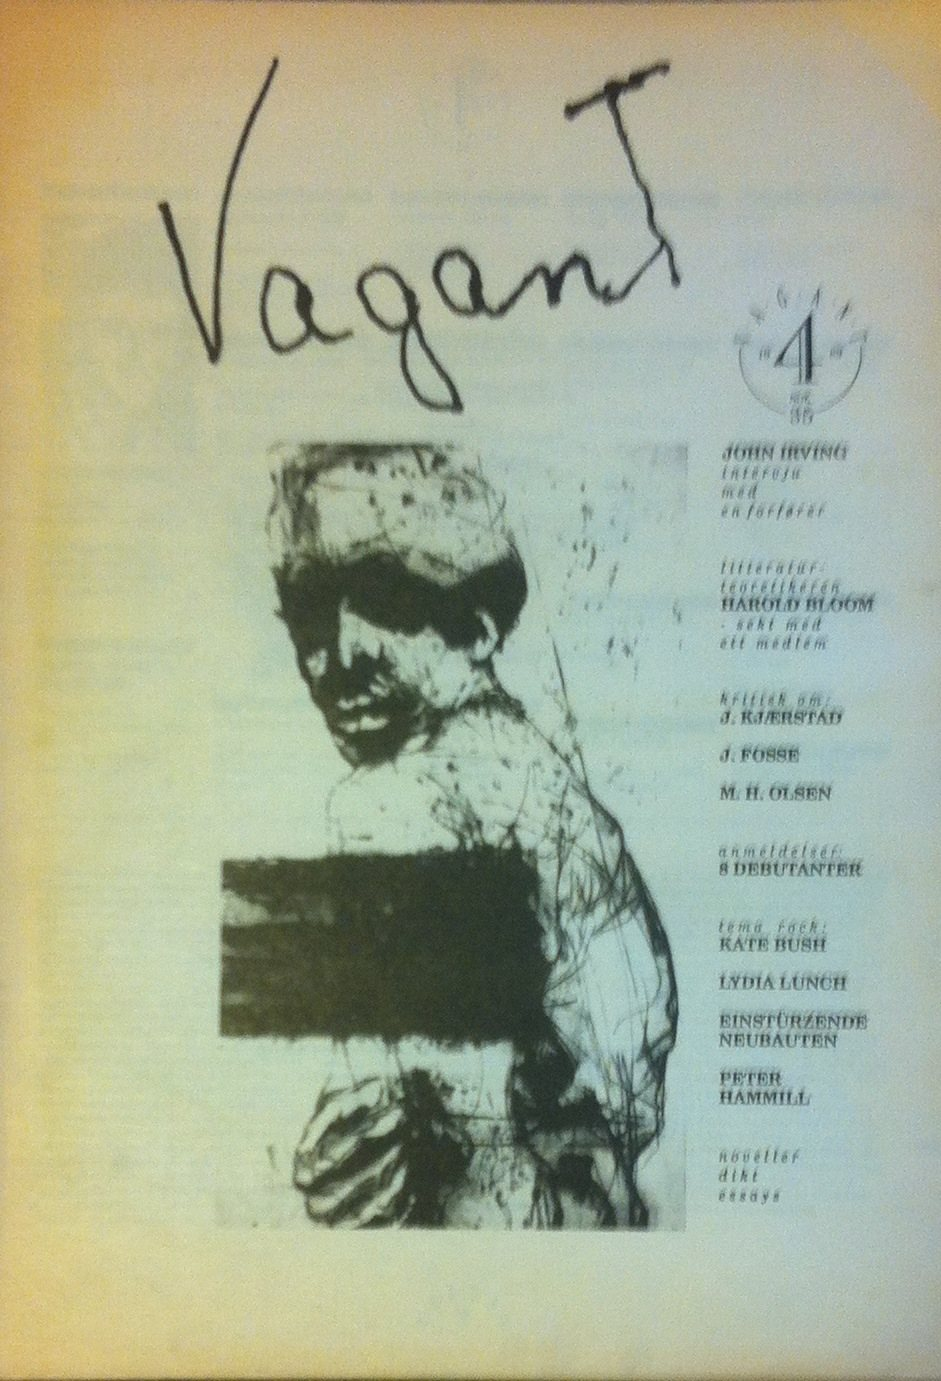 Vagant 4/1989